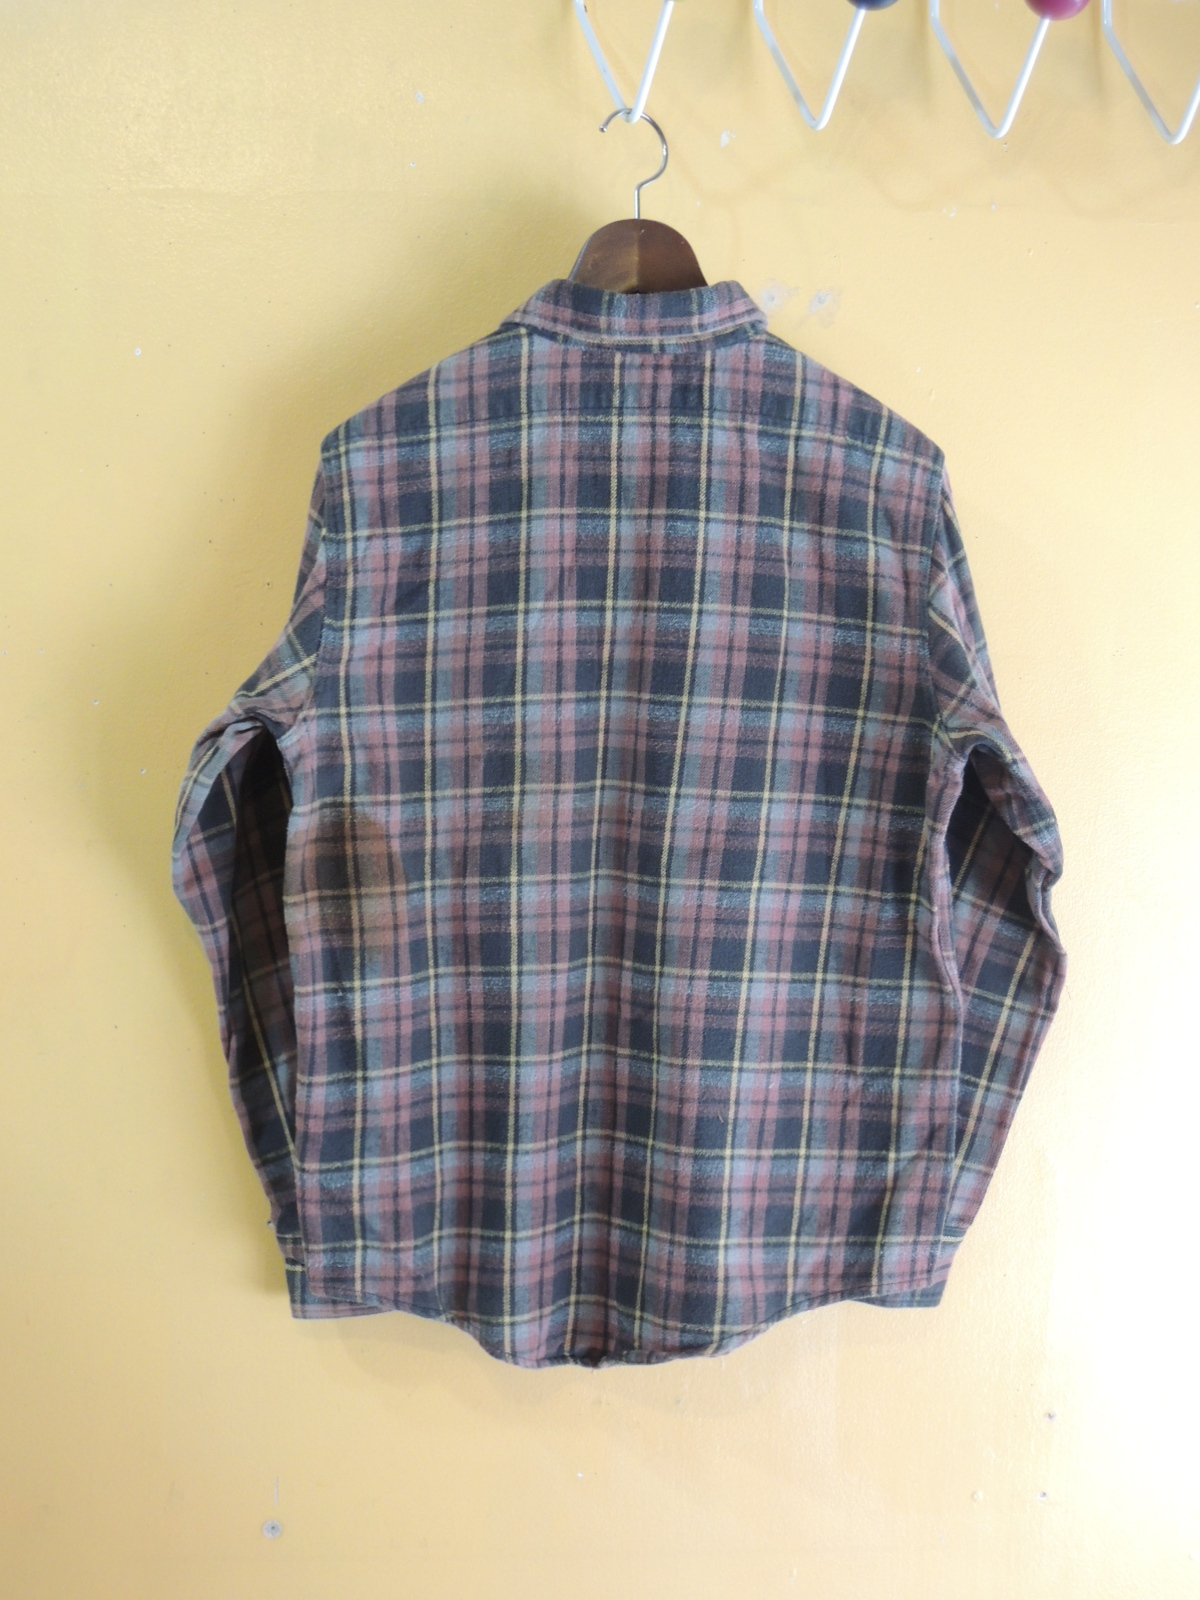 polorflannnelshirts02.JPG